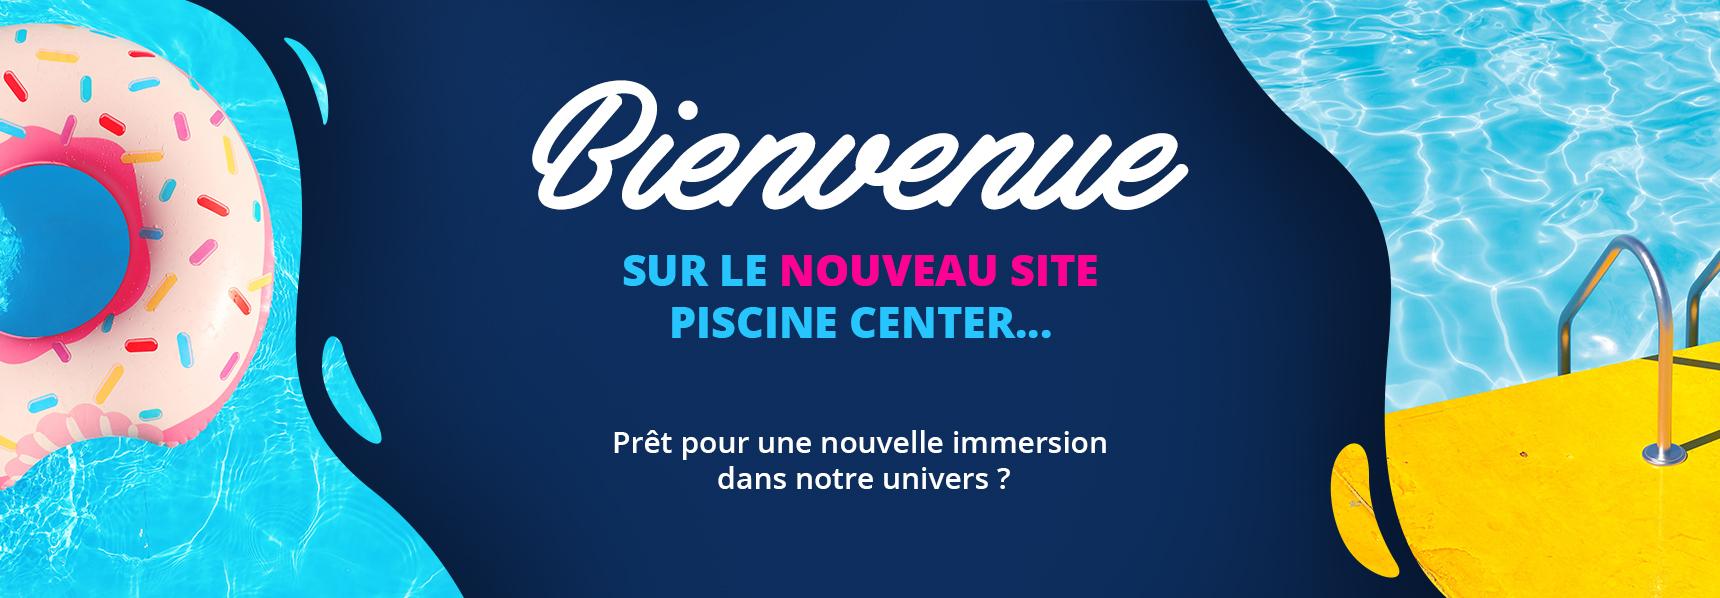 Piscine Center, Vente De Matériel & Accessoires Piscine tout Piscine Center Magasin